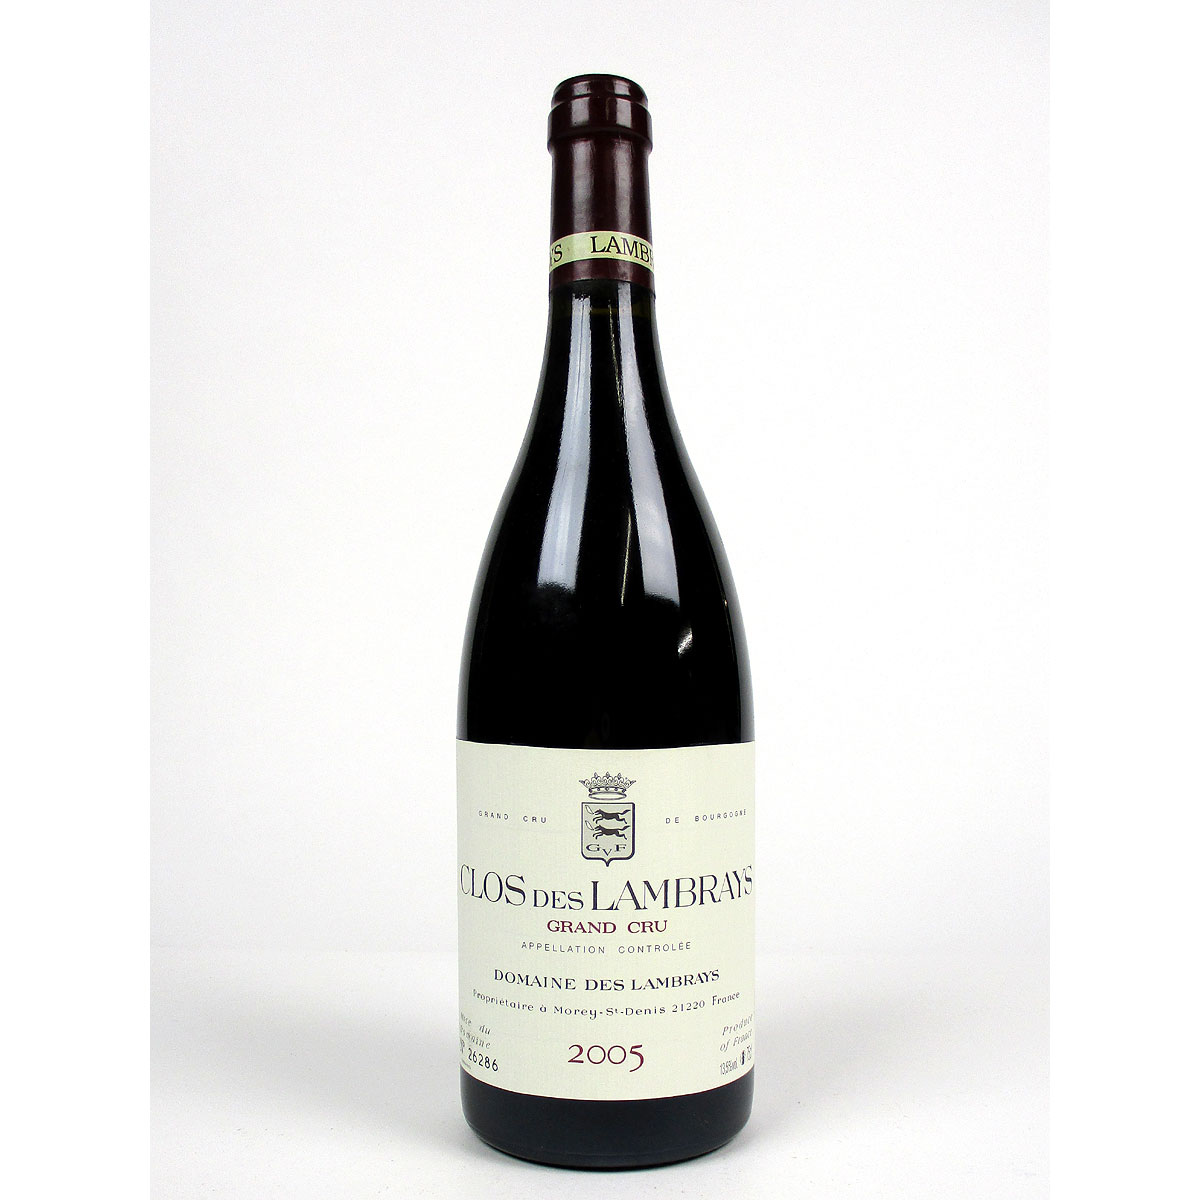 Clos des Lambrays: Domaine des Lambrays Grand Cru 2005 - Bottle